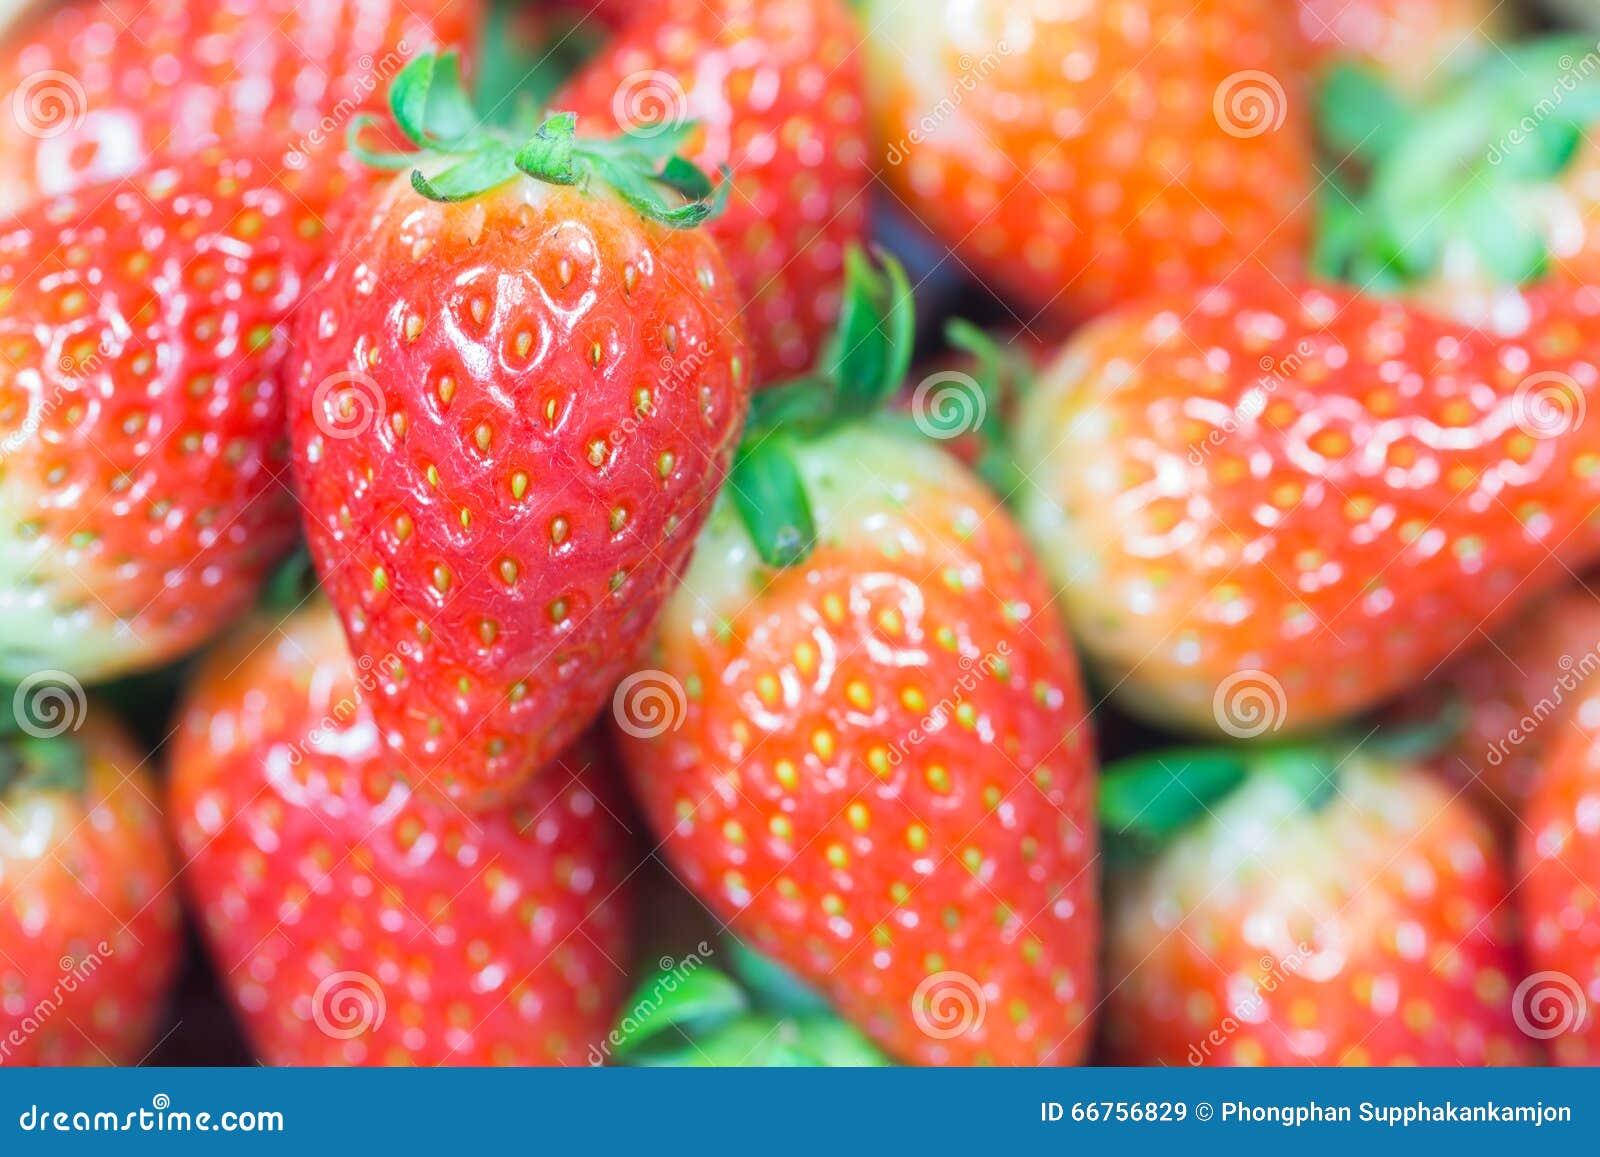 Der Abschluss oben der Gruppe der frischen roten Erdbeere